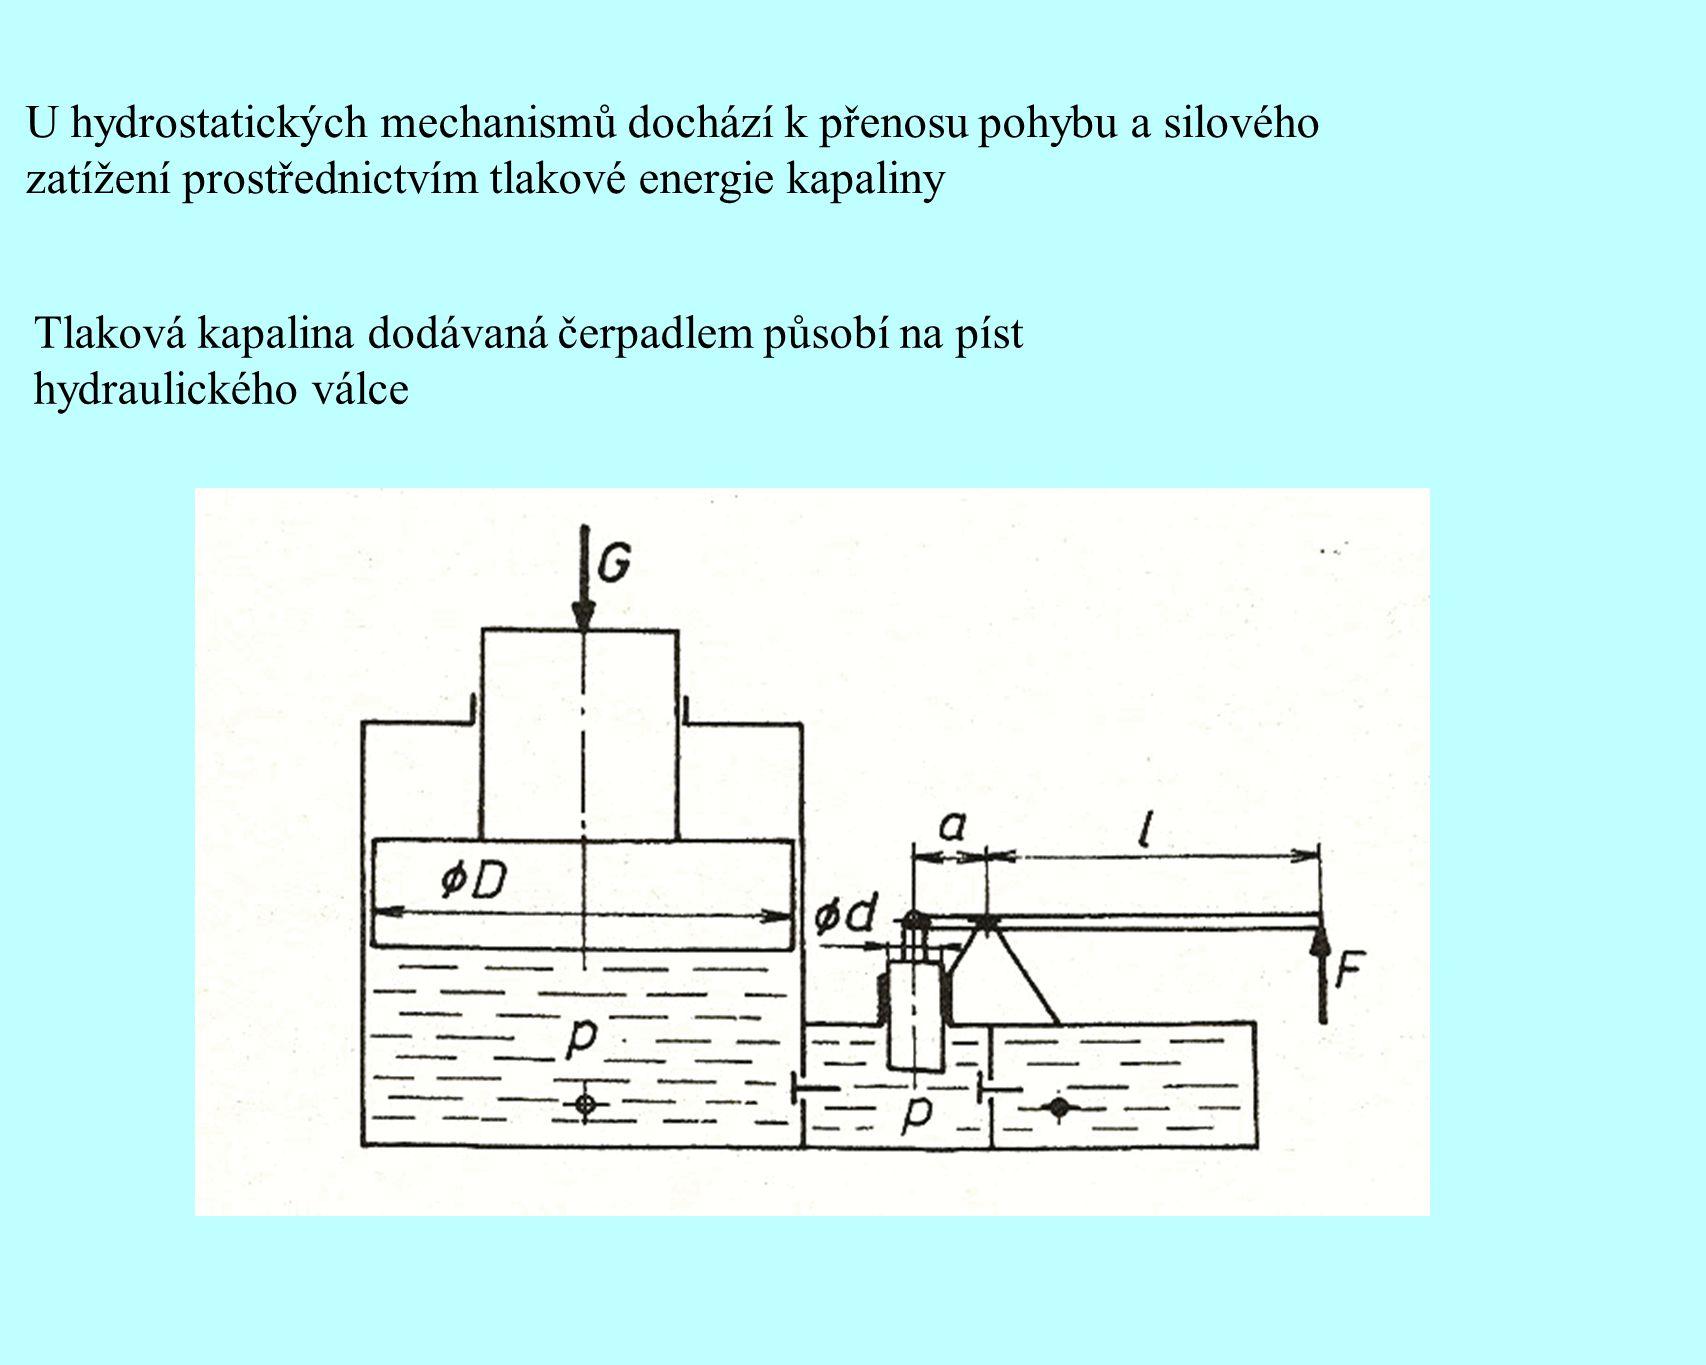 U hydrostatických mechanismů dochází k přenosu pohybu a silového